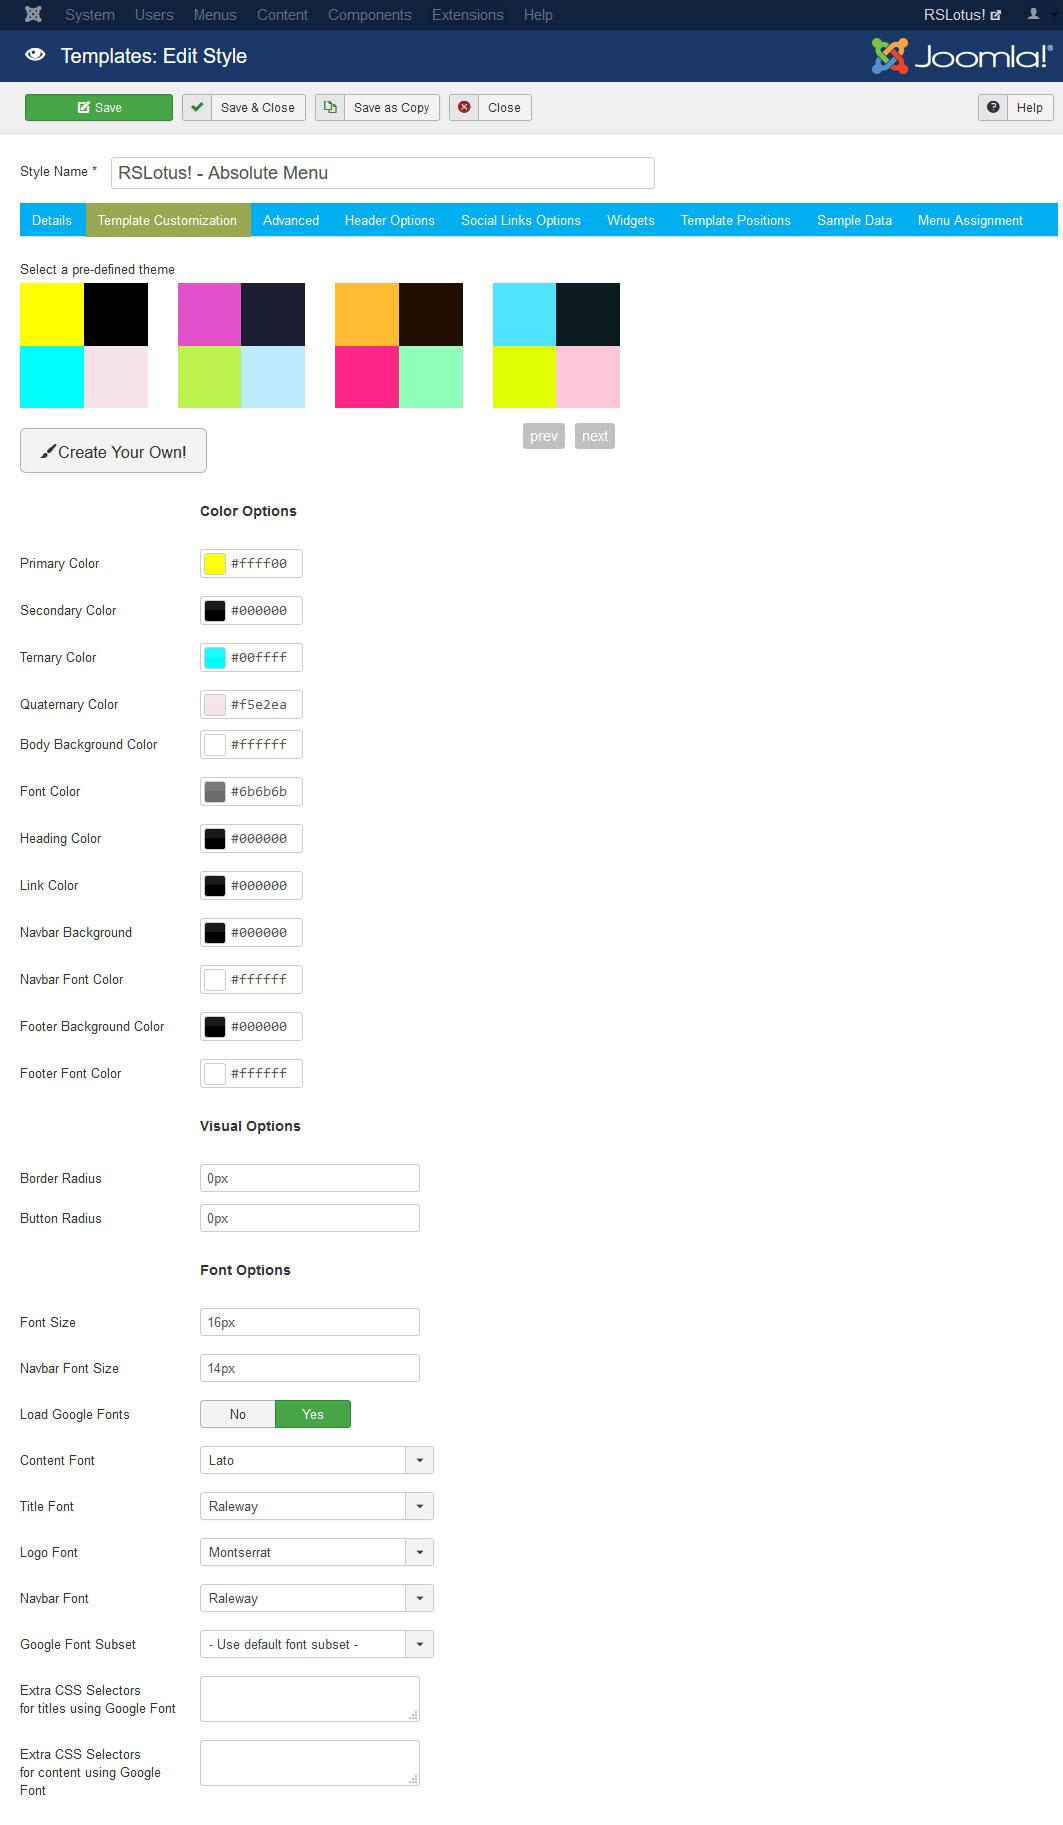 RSLotus! Joomla! 3.x template Advanced Tab preview 1